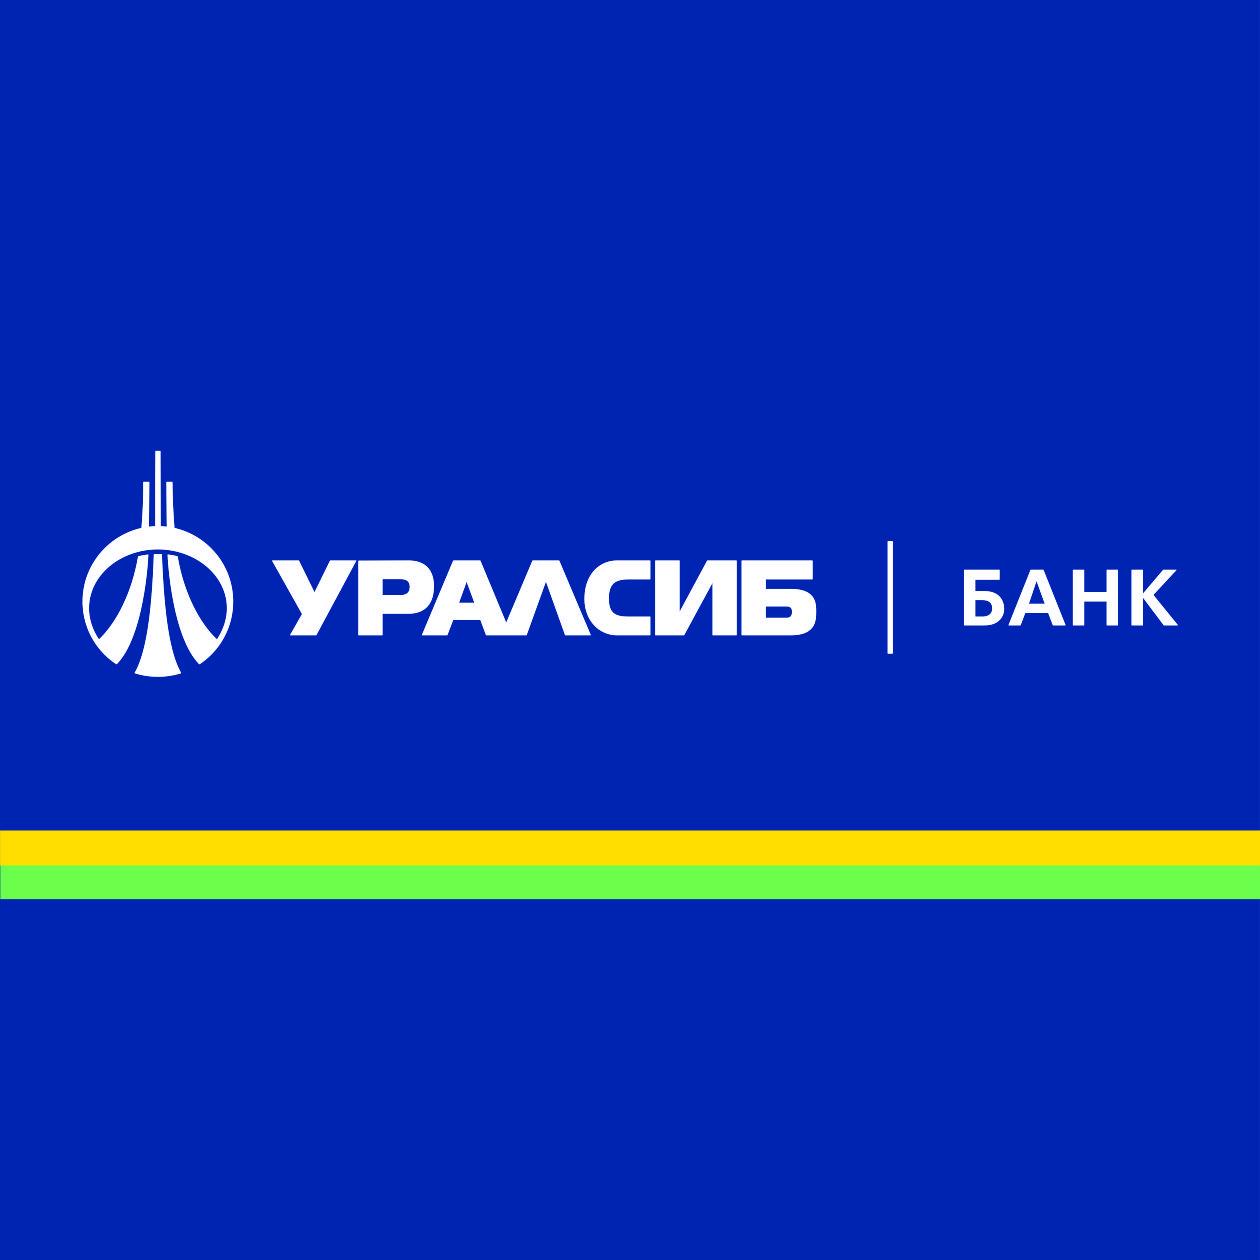 Банк УРАЛСИБ вошел в ТОП-10 лучших Интернет-банков для бизнеса   в странах СНГ и Кавказа